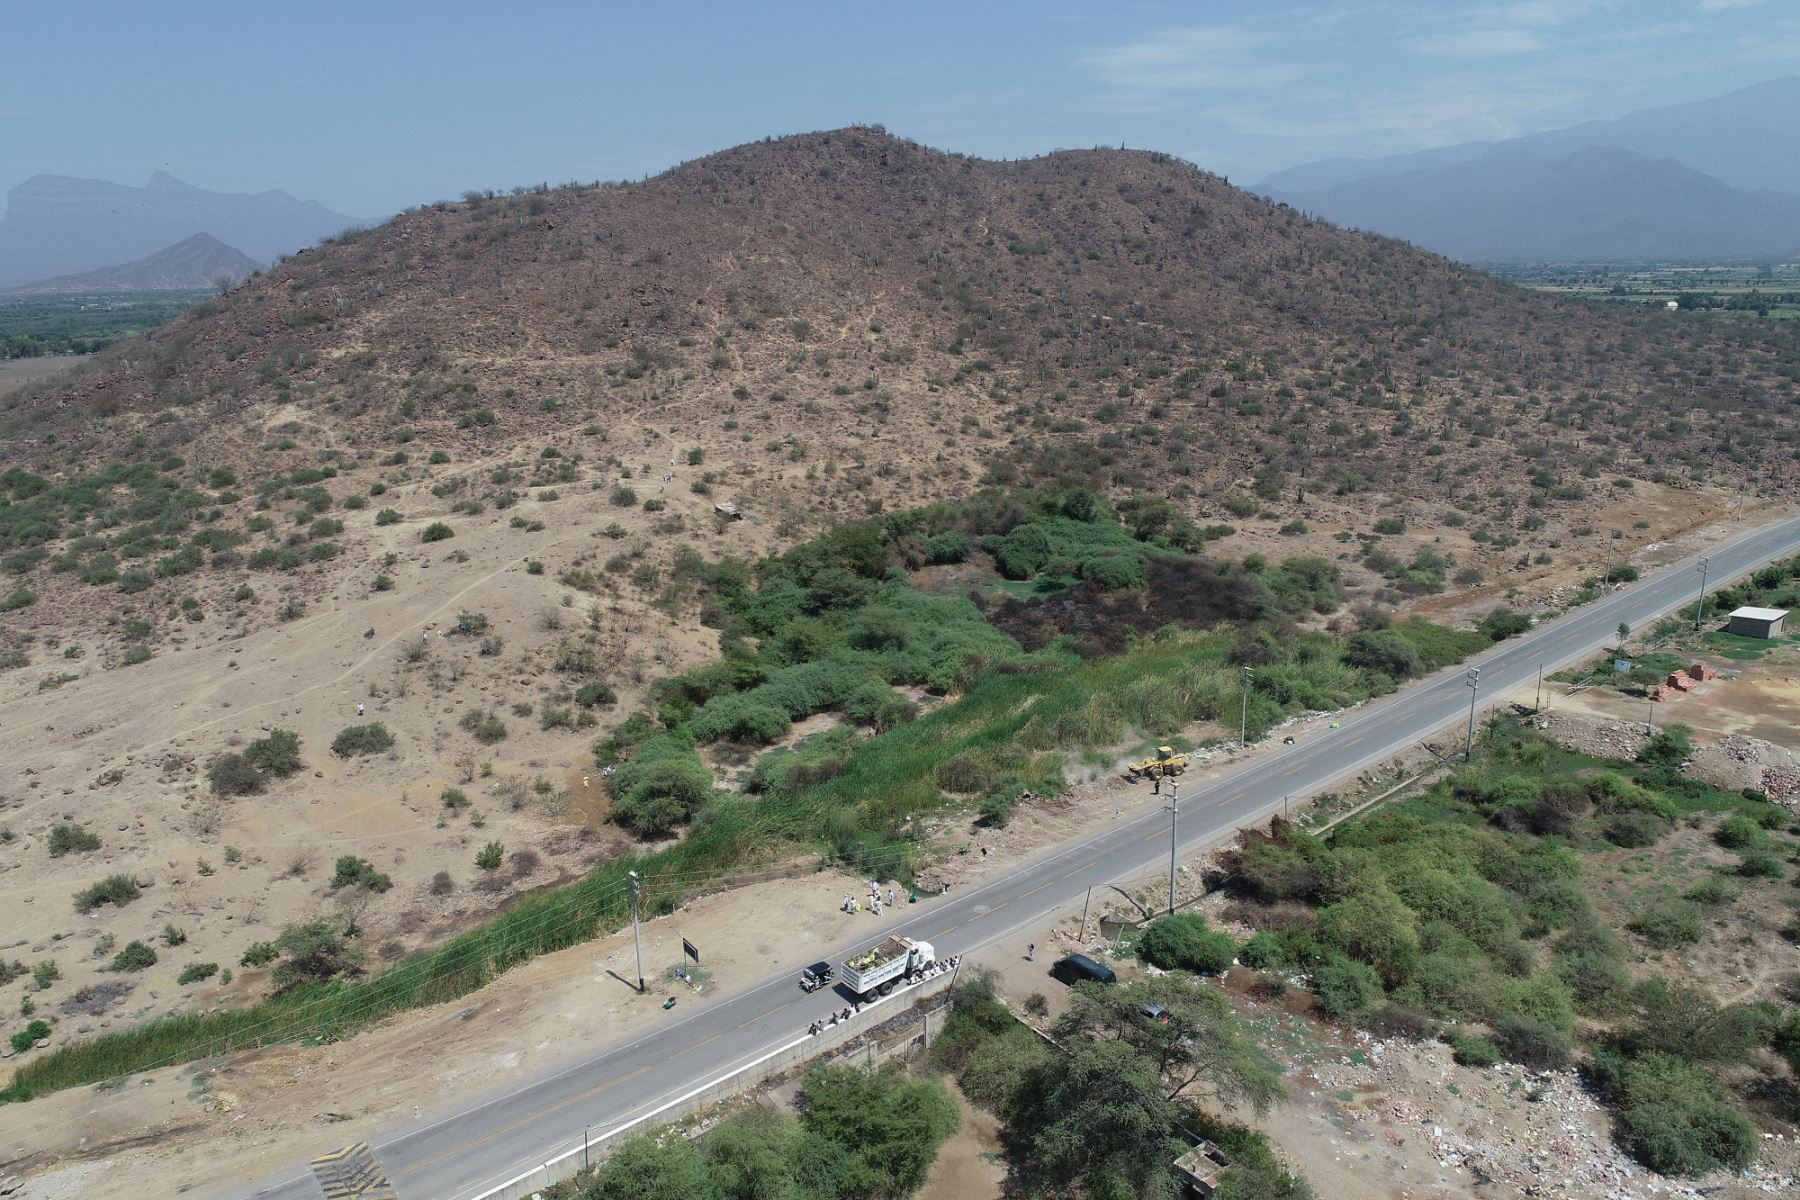 Recuperan el cerro Mulato, cuna del arte rupestre de Lambayeque - Agencia Andina